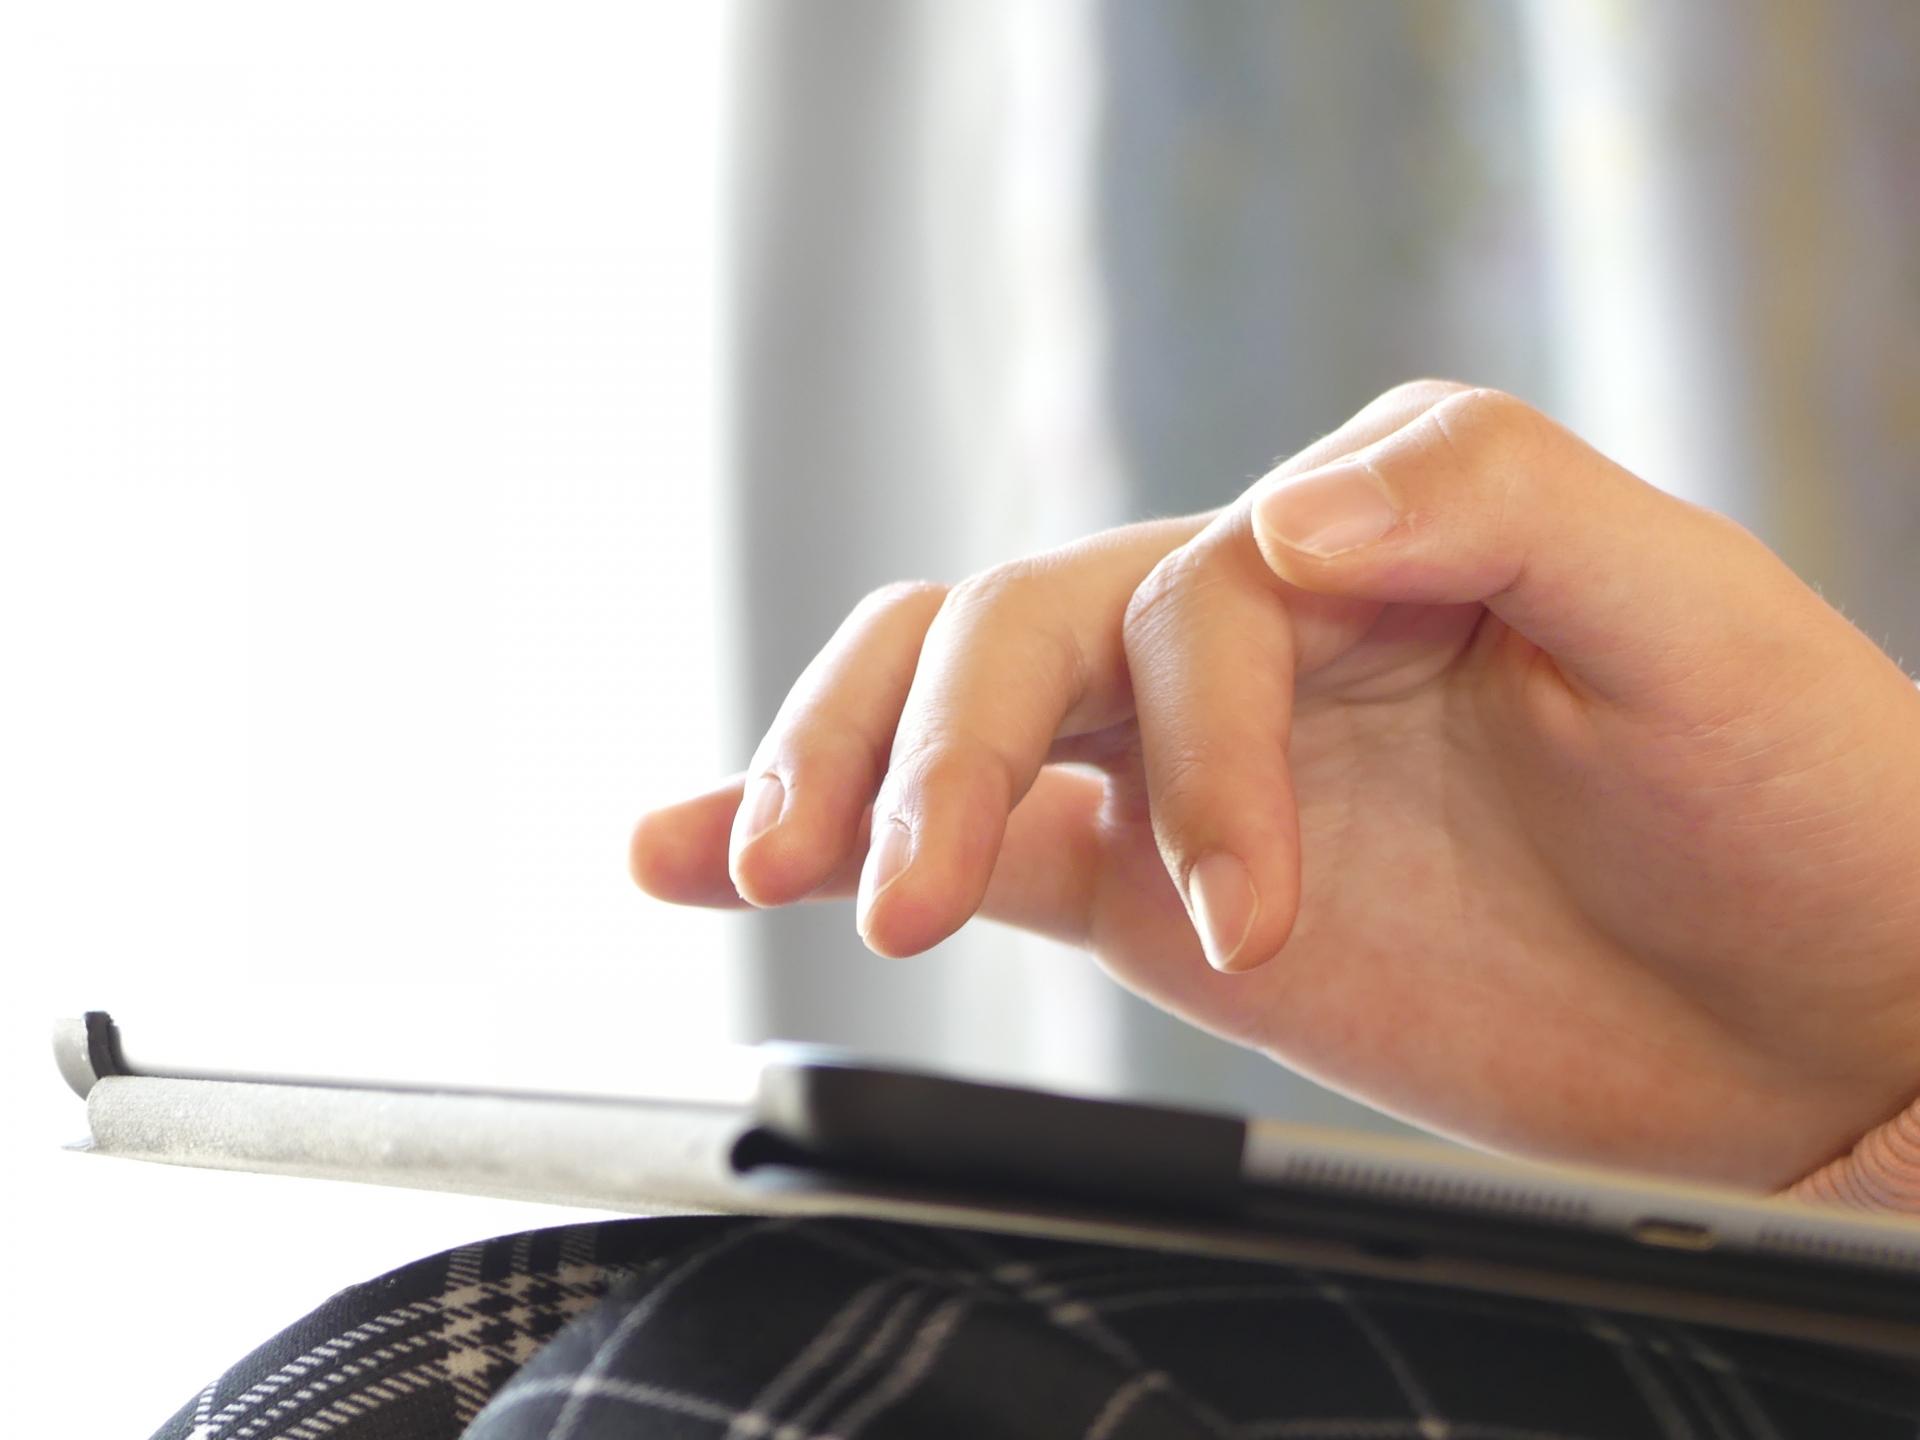 膝の上でタブレットと使う指